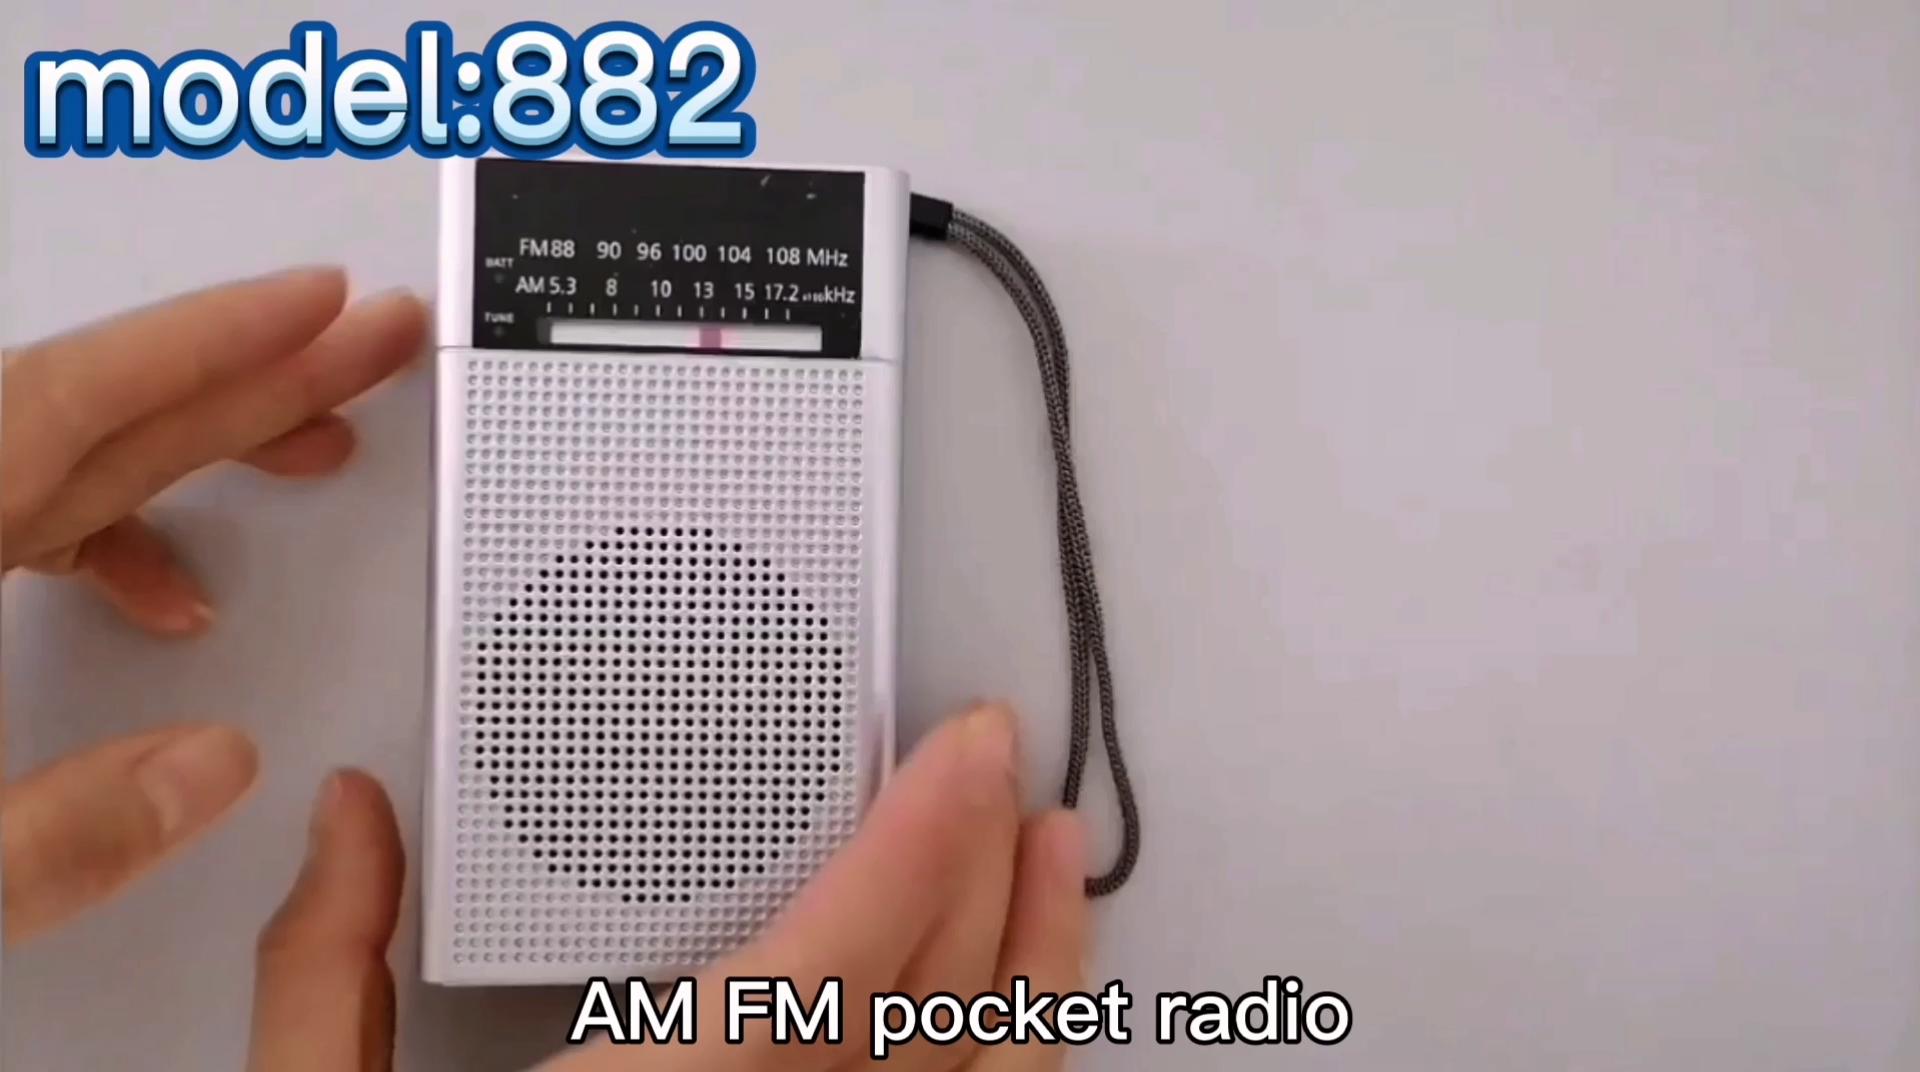 2020 클래식 미니 포켓 라디오 월마트 AM FM 라디오 블랙